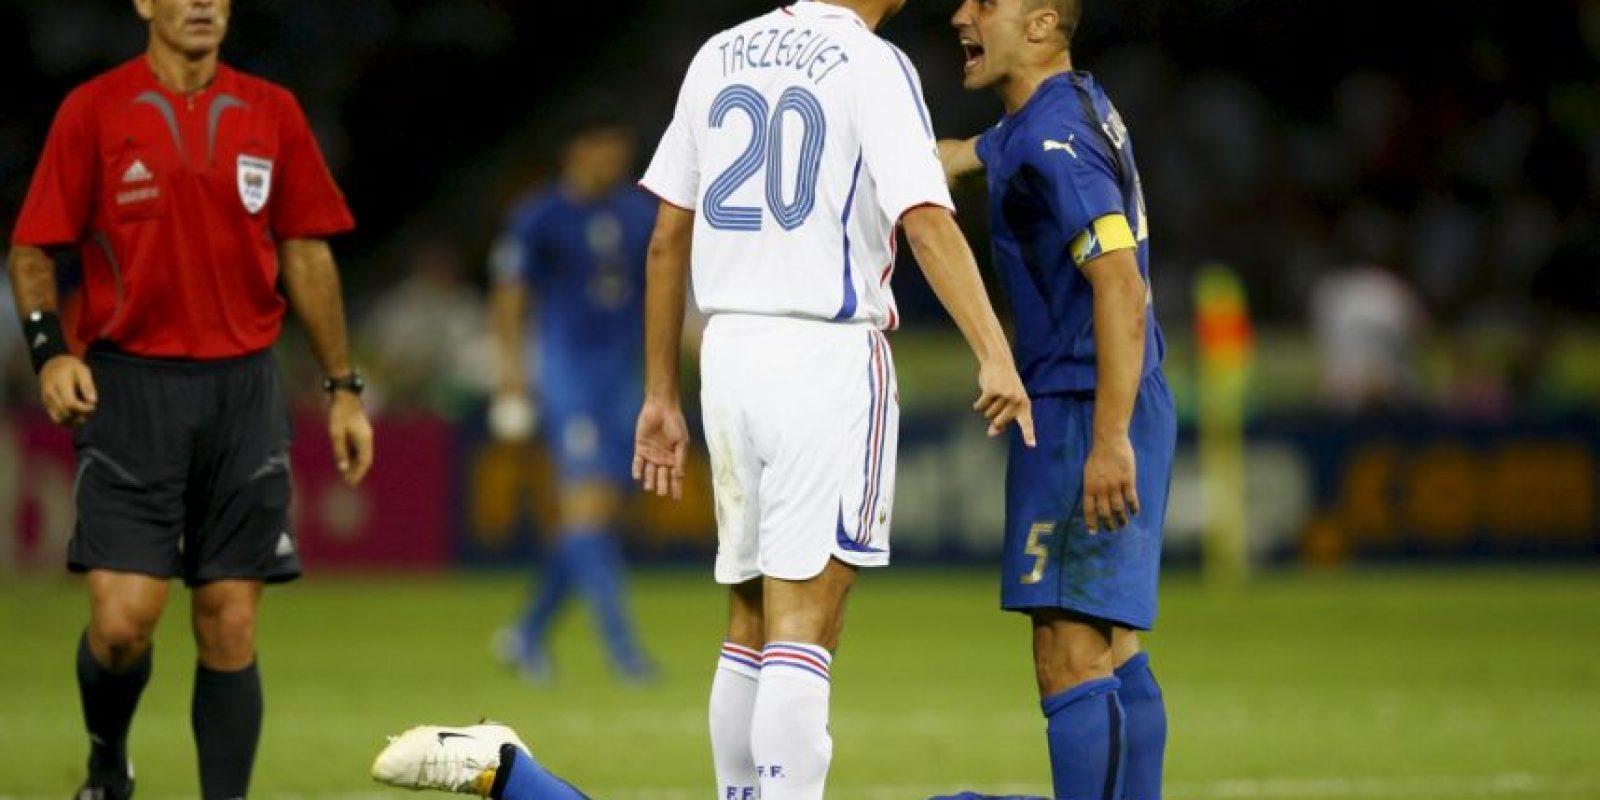 """En la final de Alemania 2006 entre Italia y Francia, estos futbolistas protagonizaron una acción recordada en todo el mundo. Marco Materazzi le dijo algo a Zidane que provocó que el francés respondiera con un violento cabezazo. Después se sabría que tras jalones de camisetas, el italiano ofendió a la hermana de """"Zizou"""" a quien llamó """"pu…"""". Foto:Getty Images"""